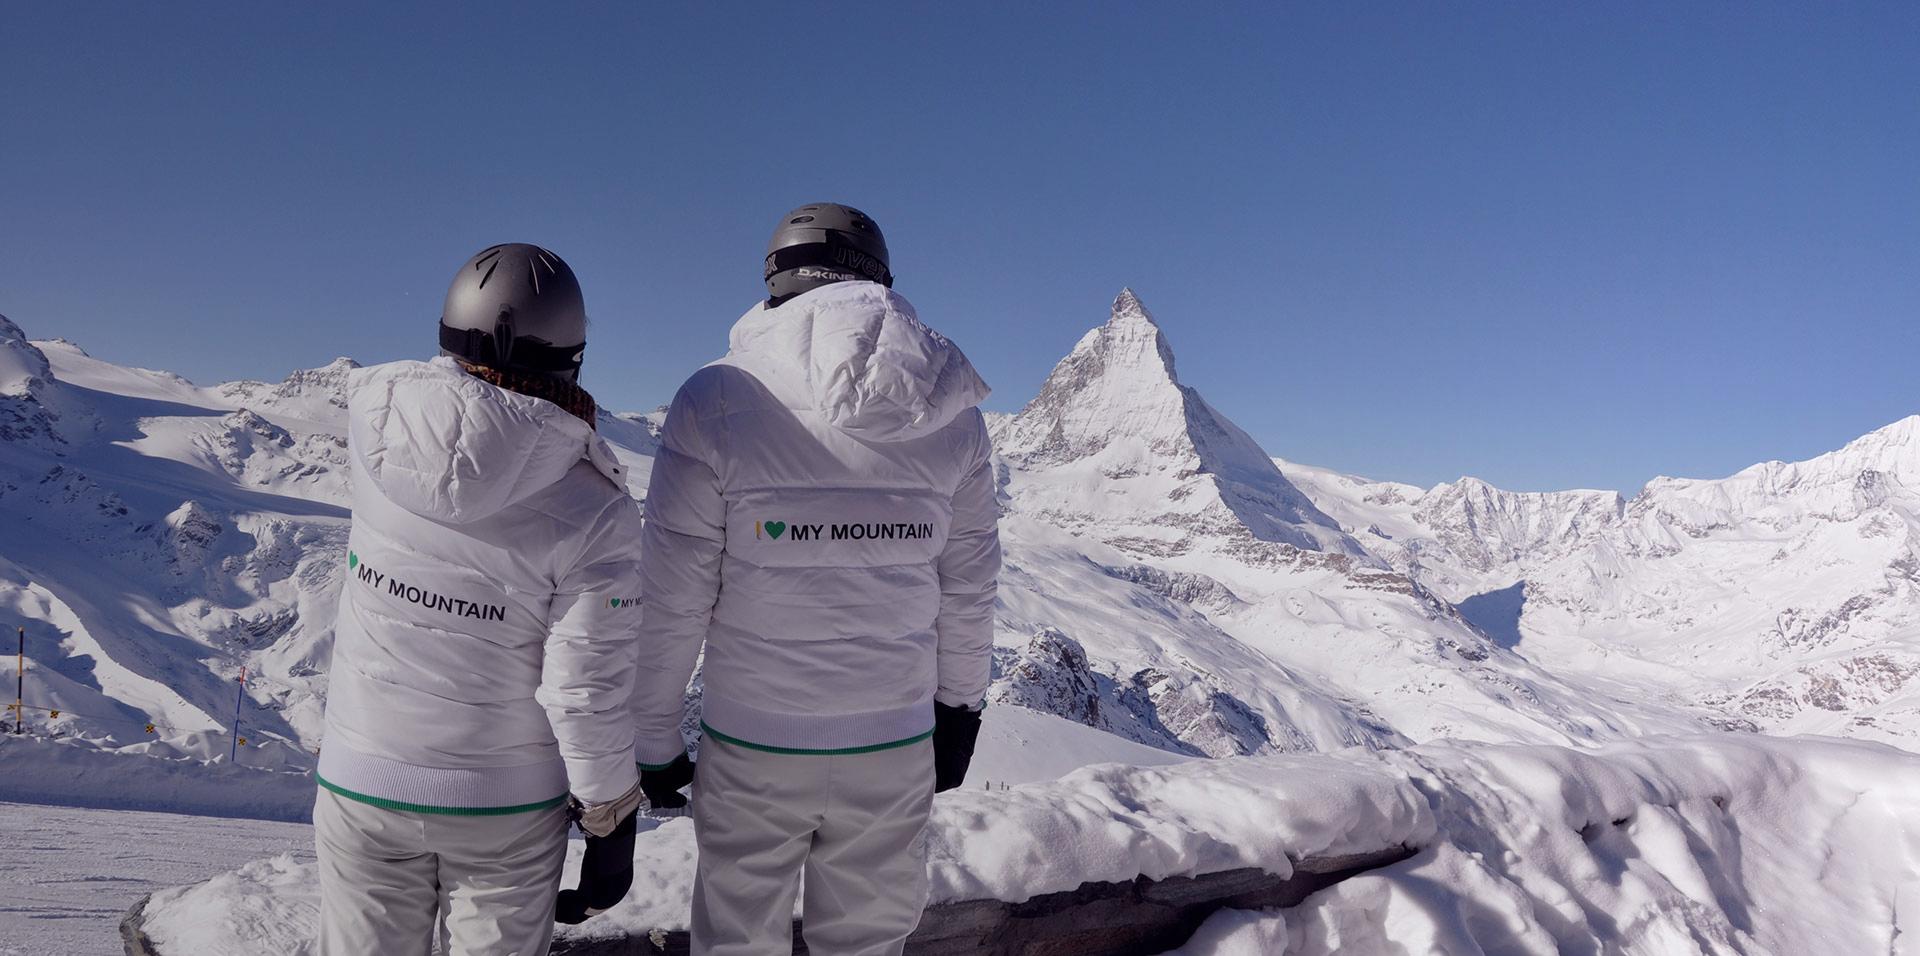 Matterhorn Promotion Hostessen Promotionsmitarbeiter von k3p vor dem Matterhorn